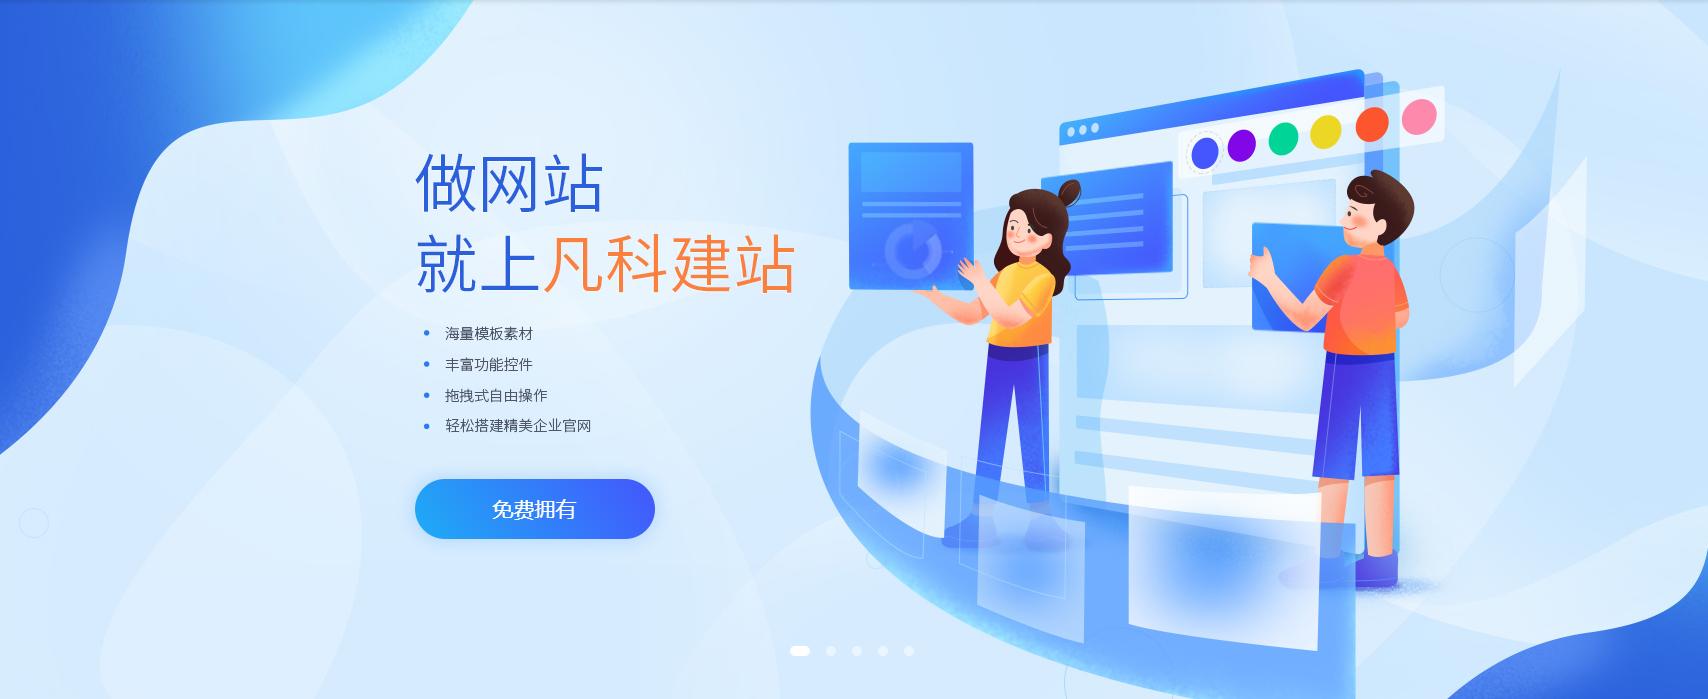 企业建设营销网站